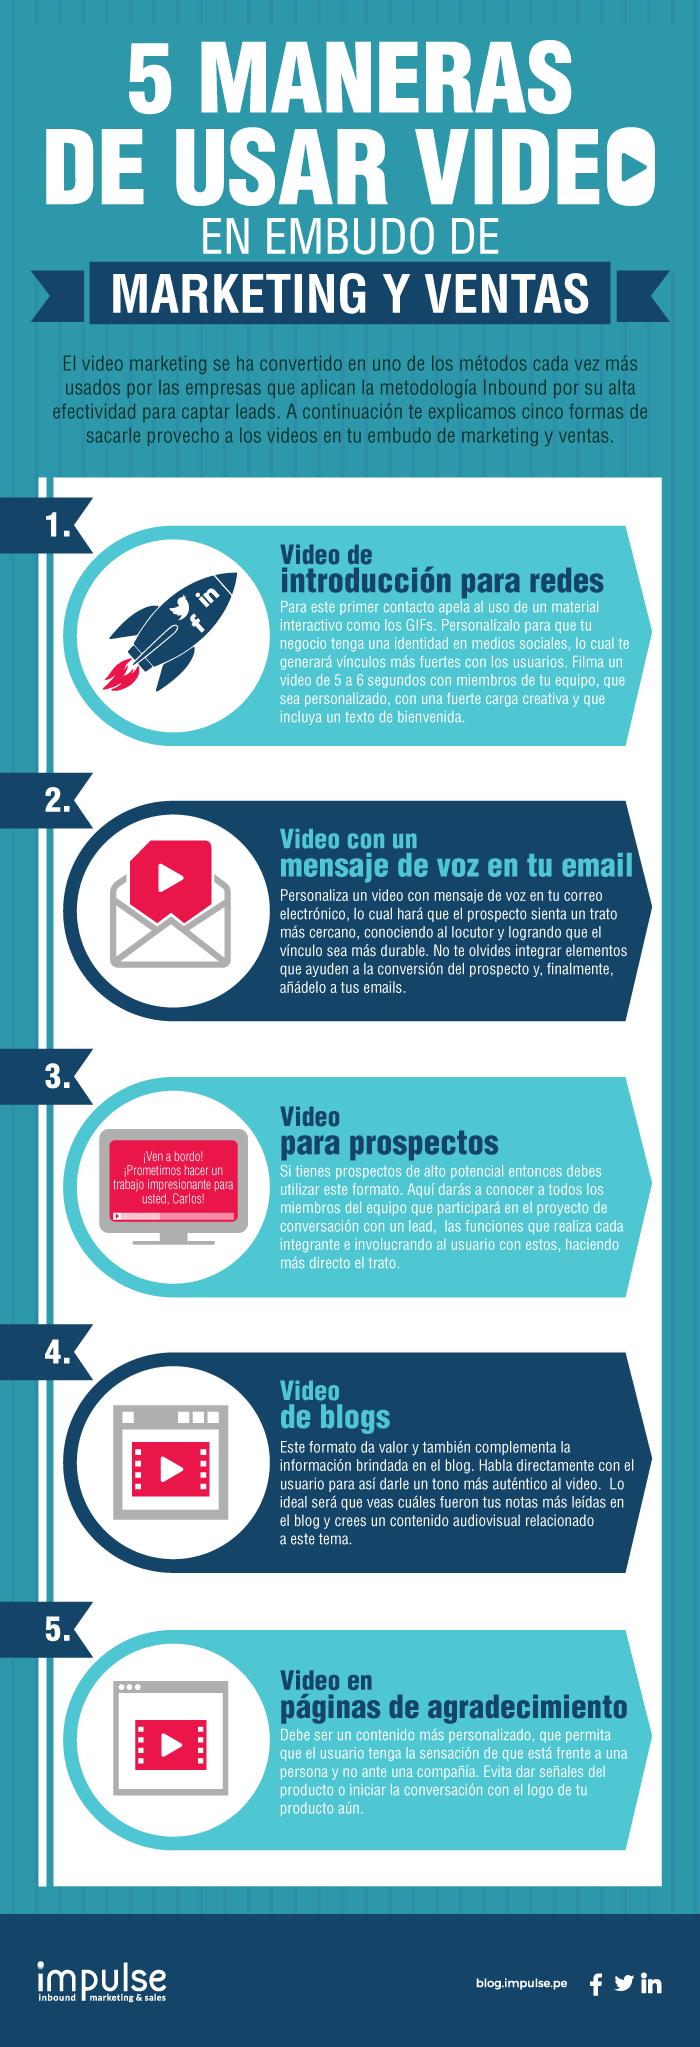 infografia-5-maneras-usar-video-en-embudo-marketing-ventas.png